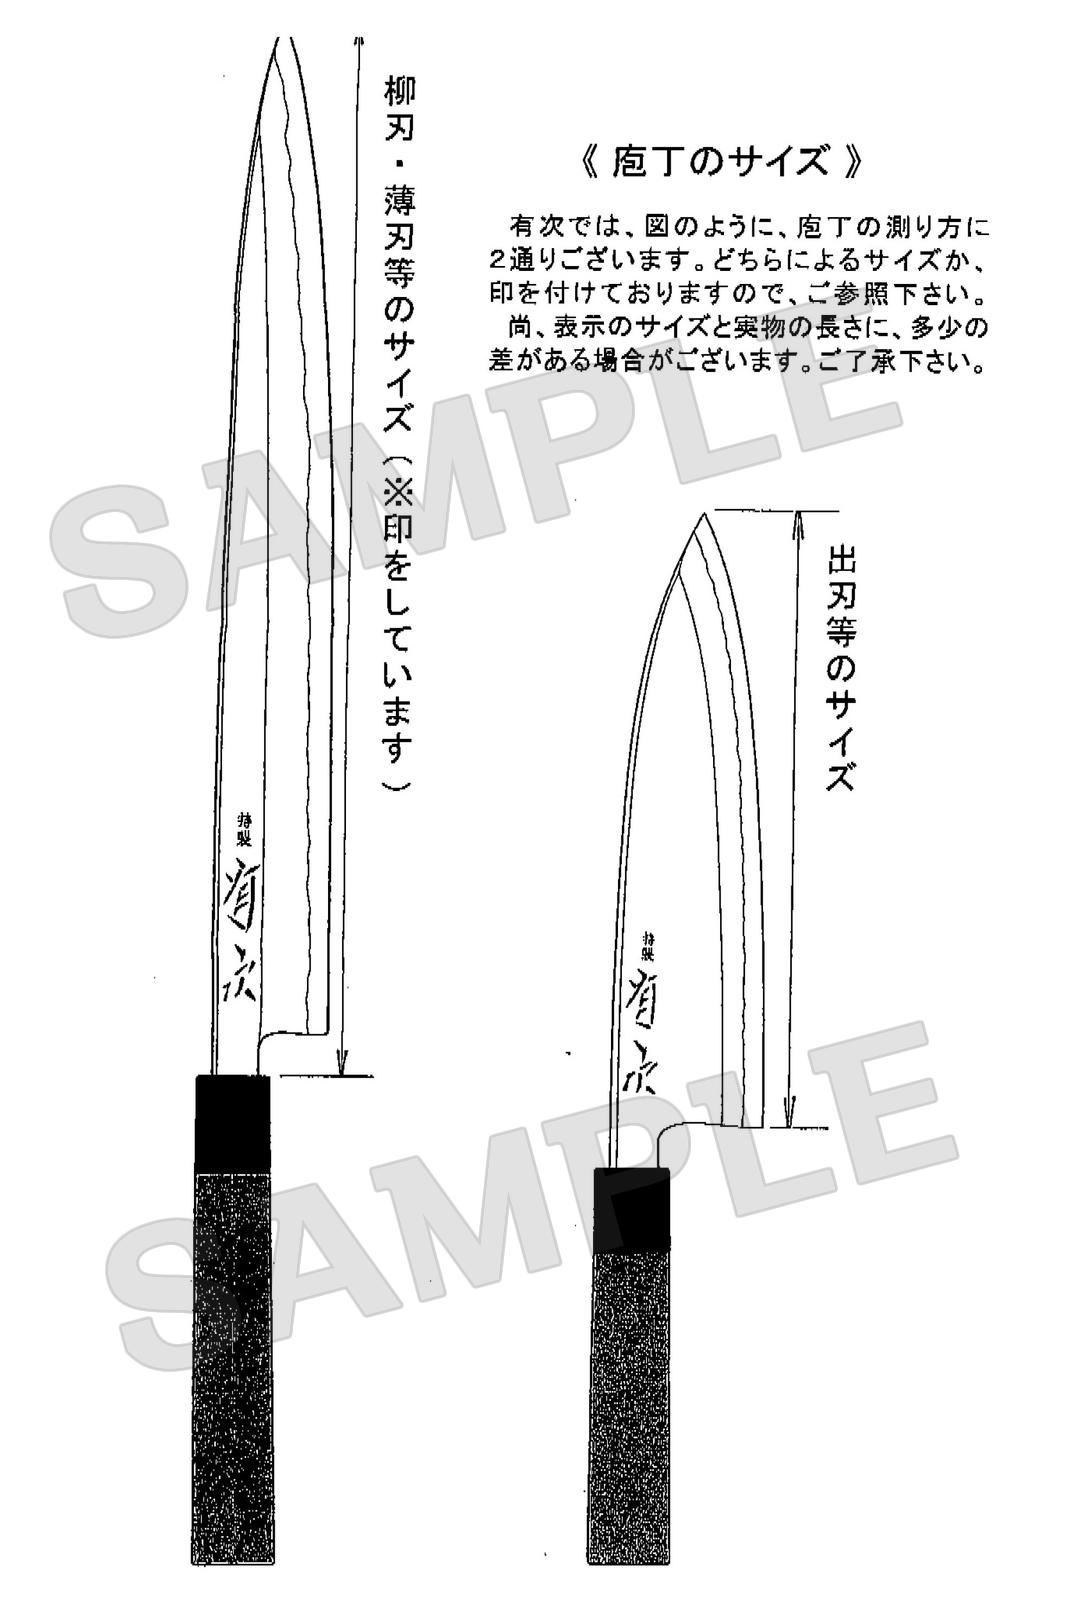 和包丁の刃渡りの測り方は2通り。イラスト付きで親切に掲載してくれています。